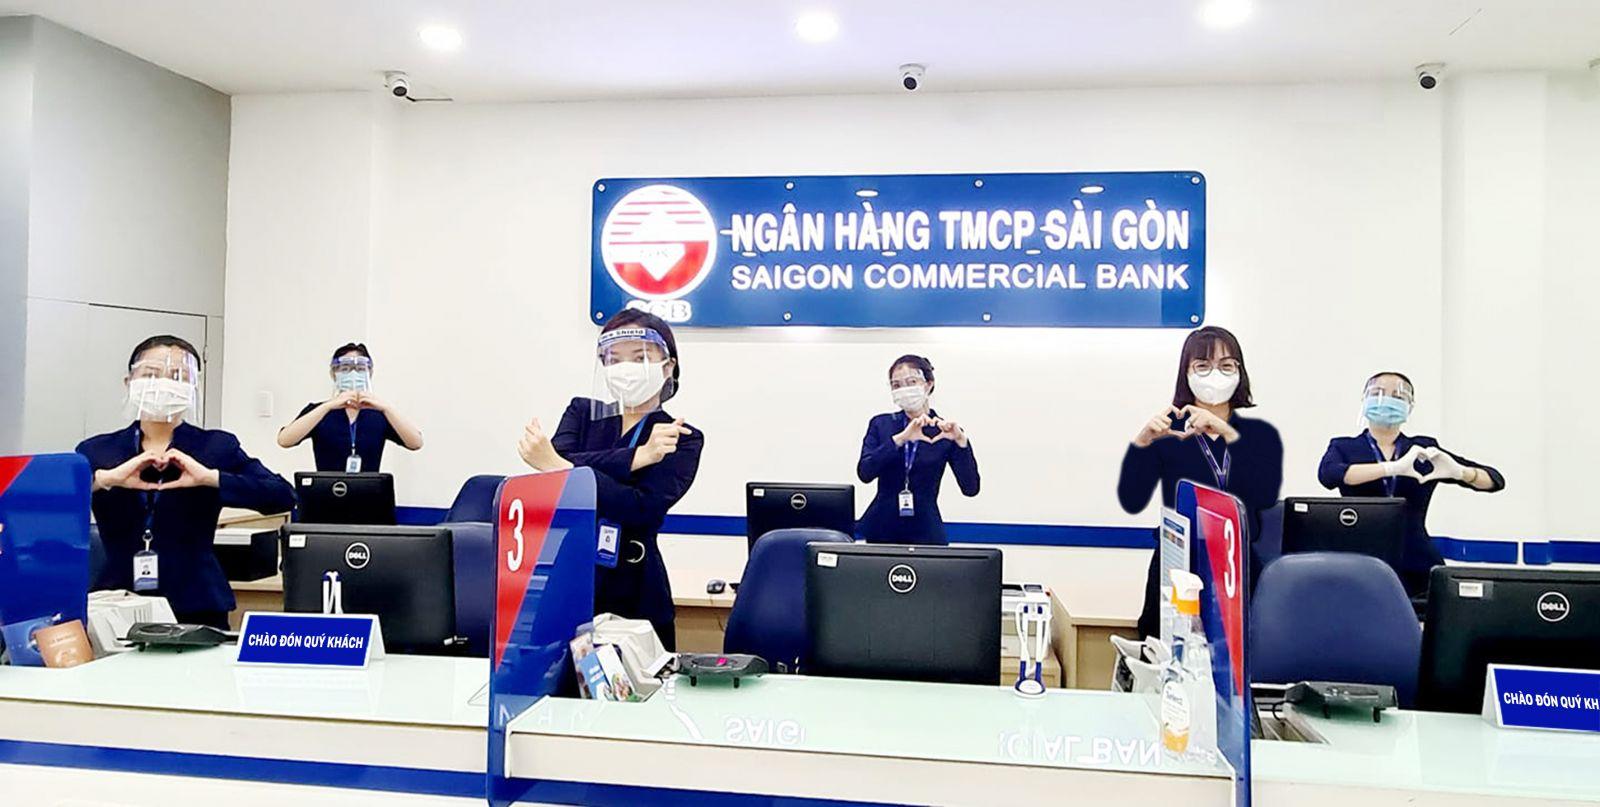 Cùng Ngân hàng Sài Gòn (SCB) hòa nhịp sống mới